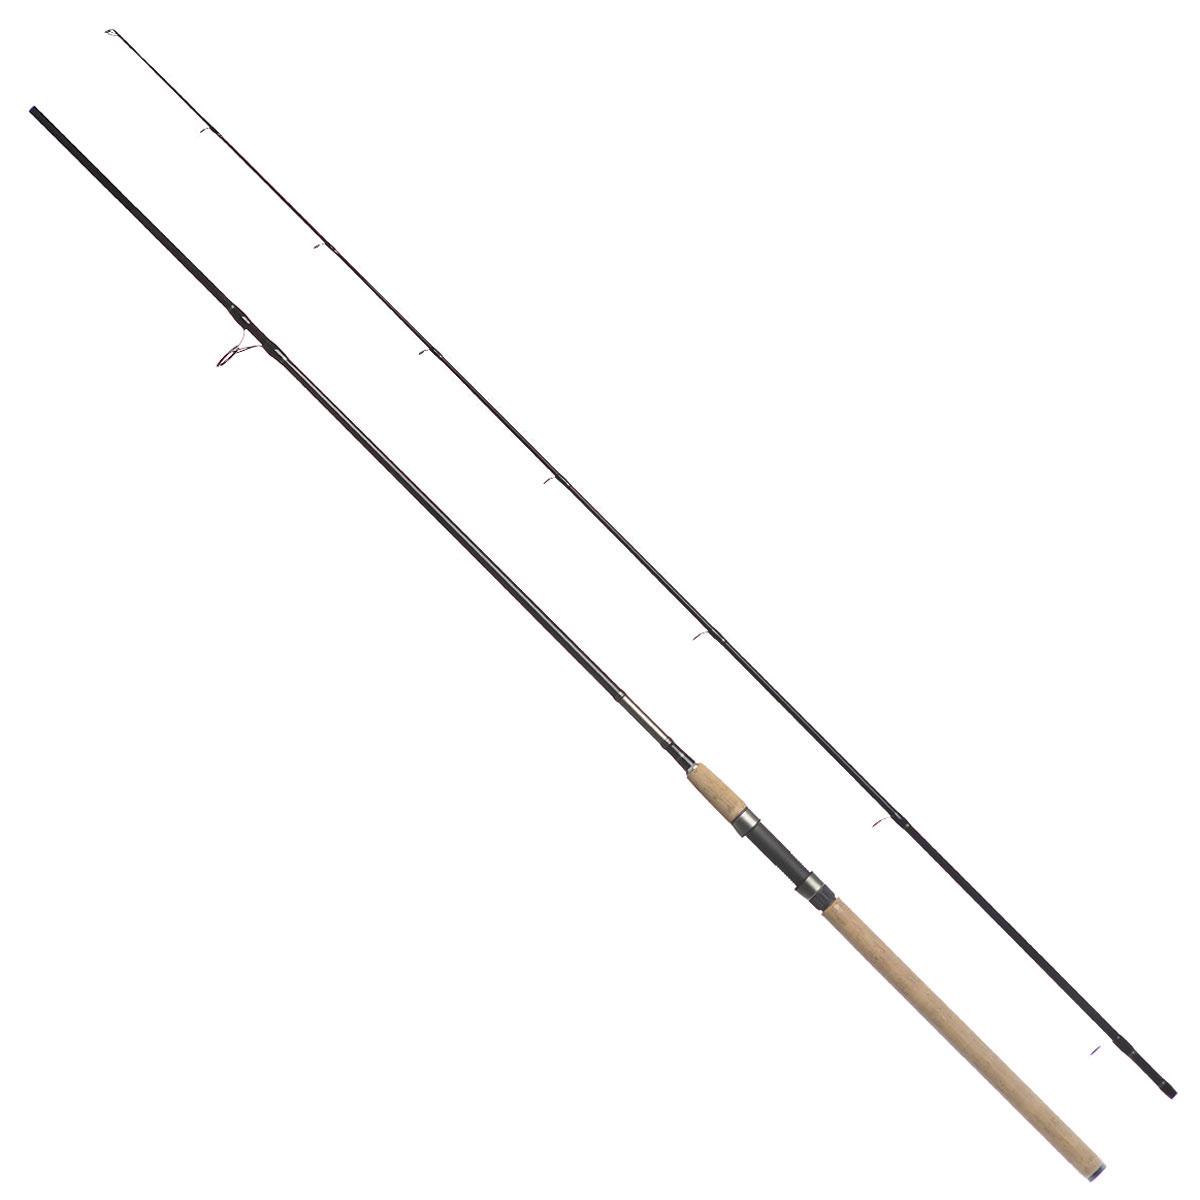 Спиннинг штекерный Daiwa Exceler-AR New, 2,59 м, 10-40 г daiwa exceler s 2500